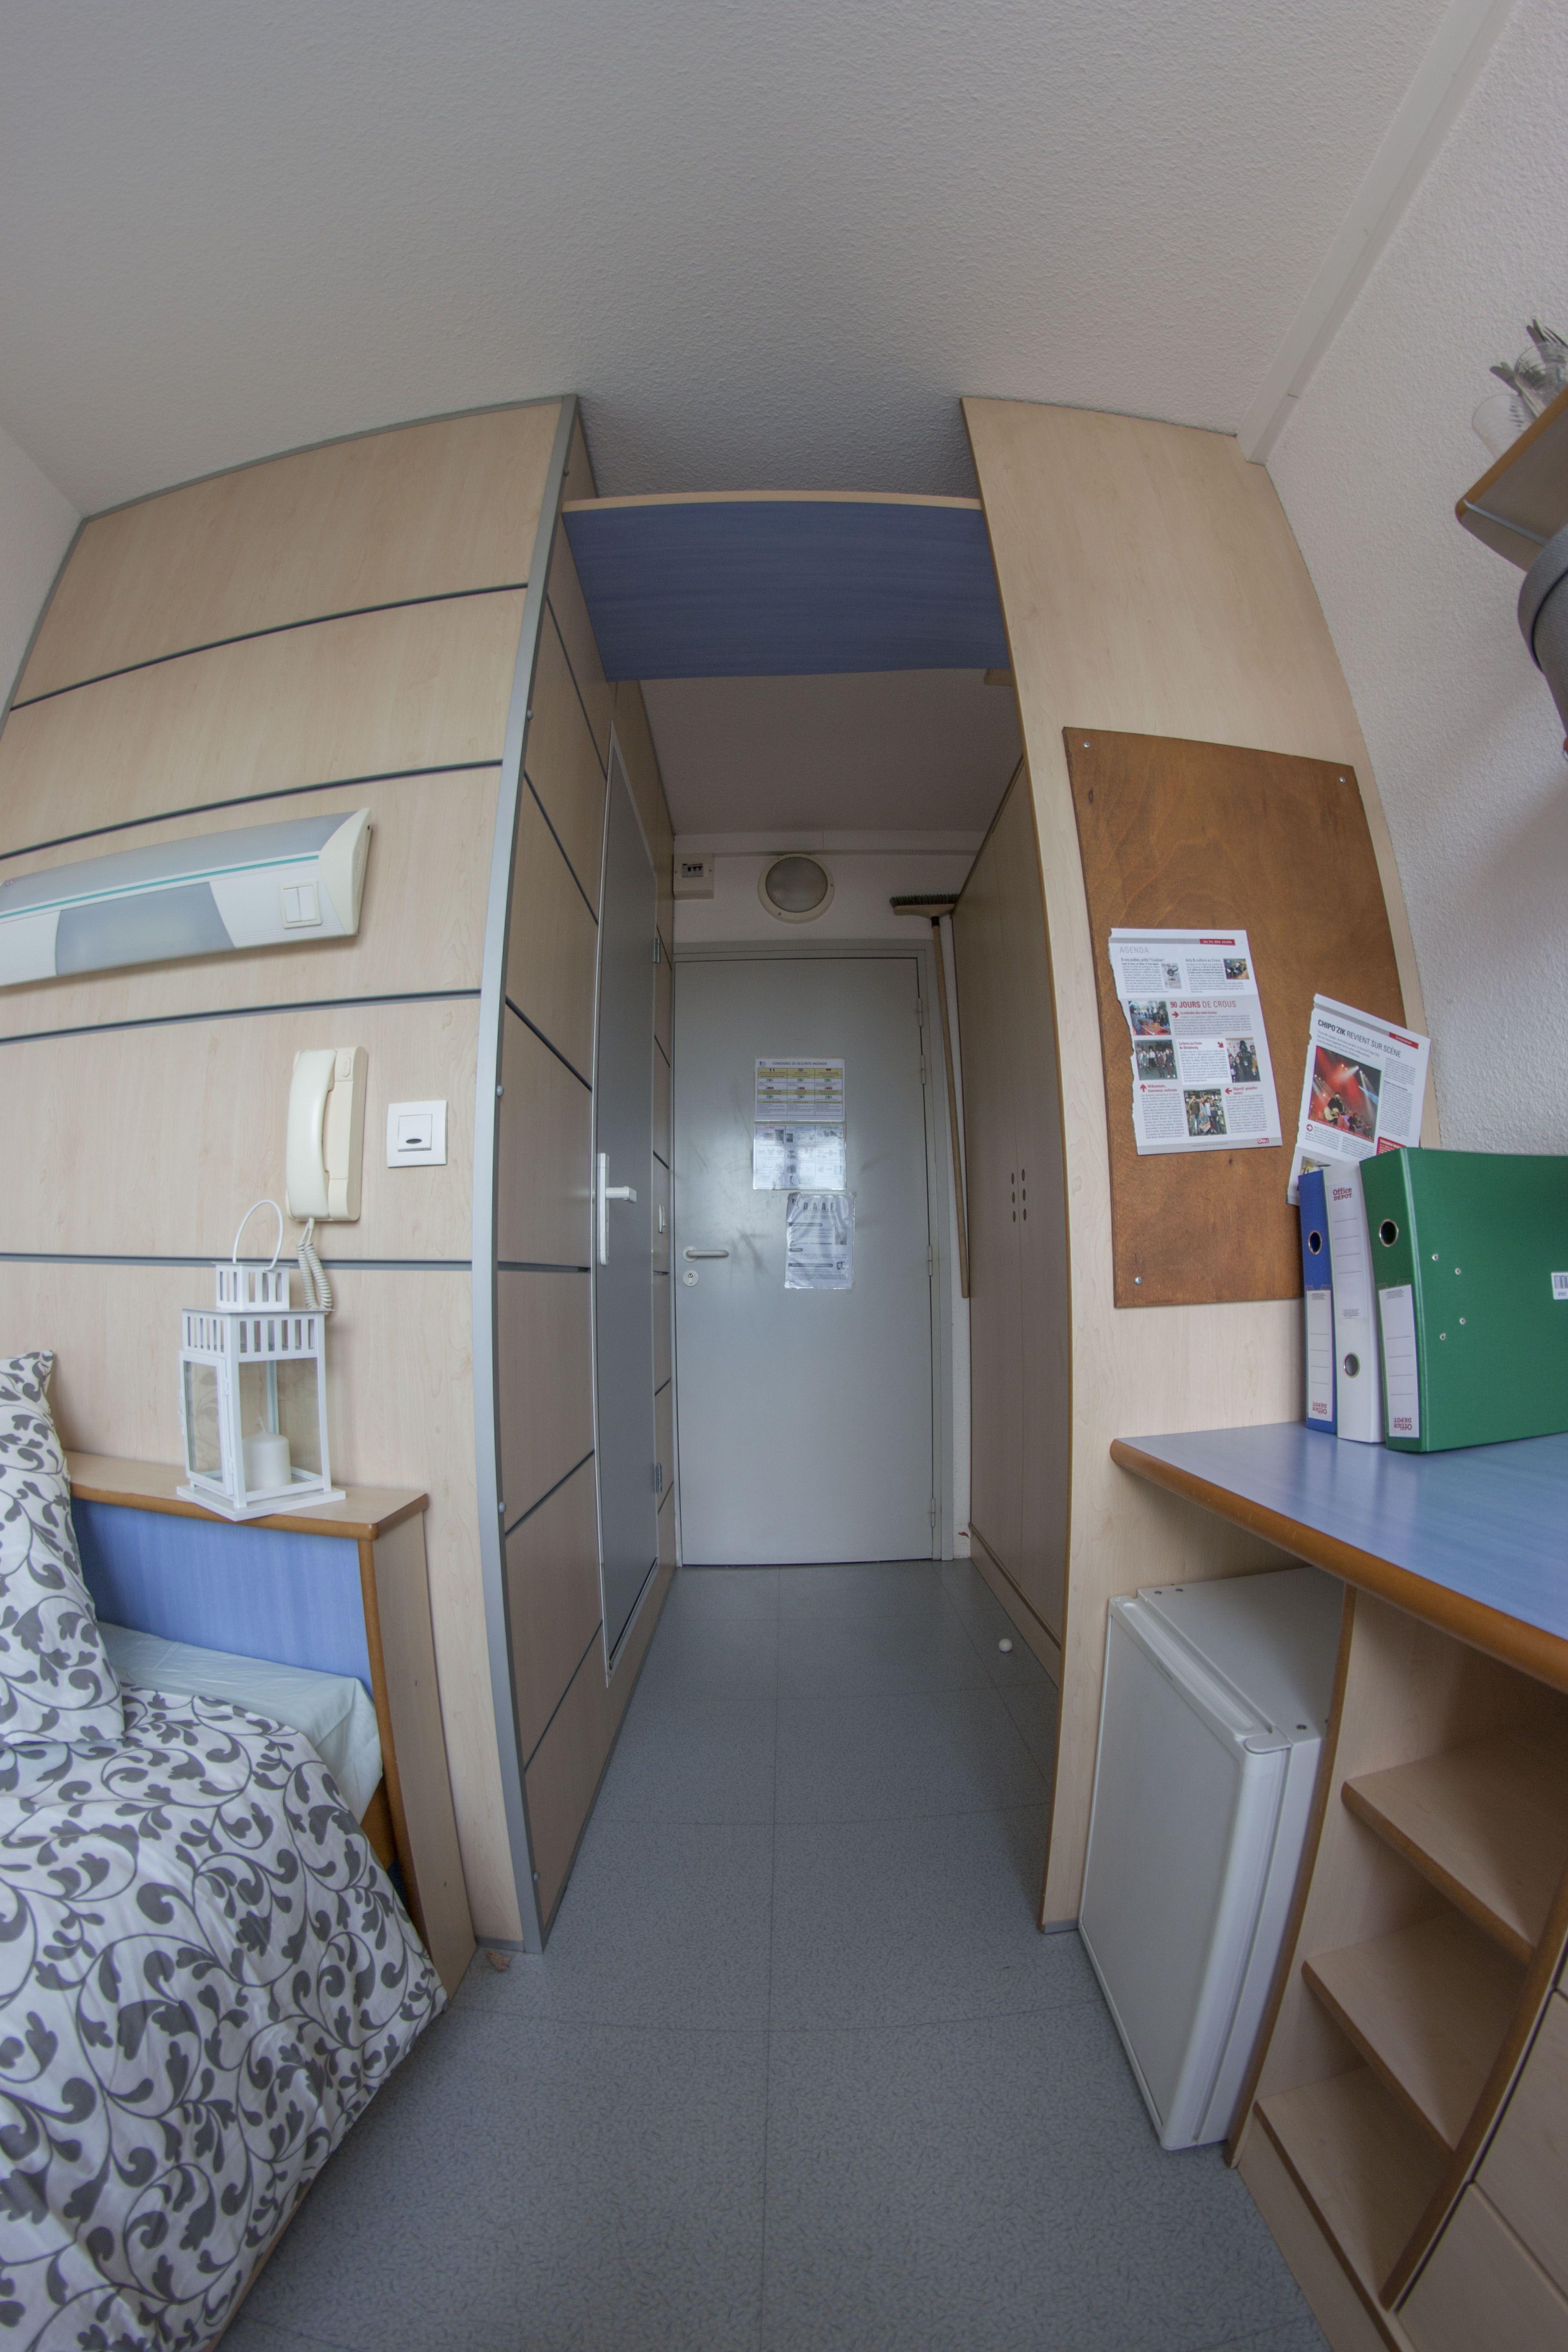 des placards bien pratiques dans l 39 entr e chambre avec salle de bain r nov e cit. Black Bedroom Furniture Sets. Home Design Ideas